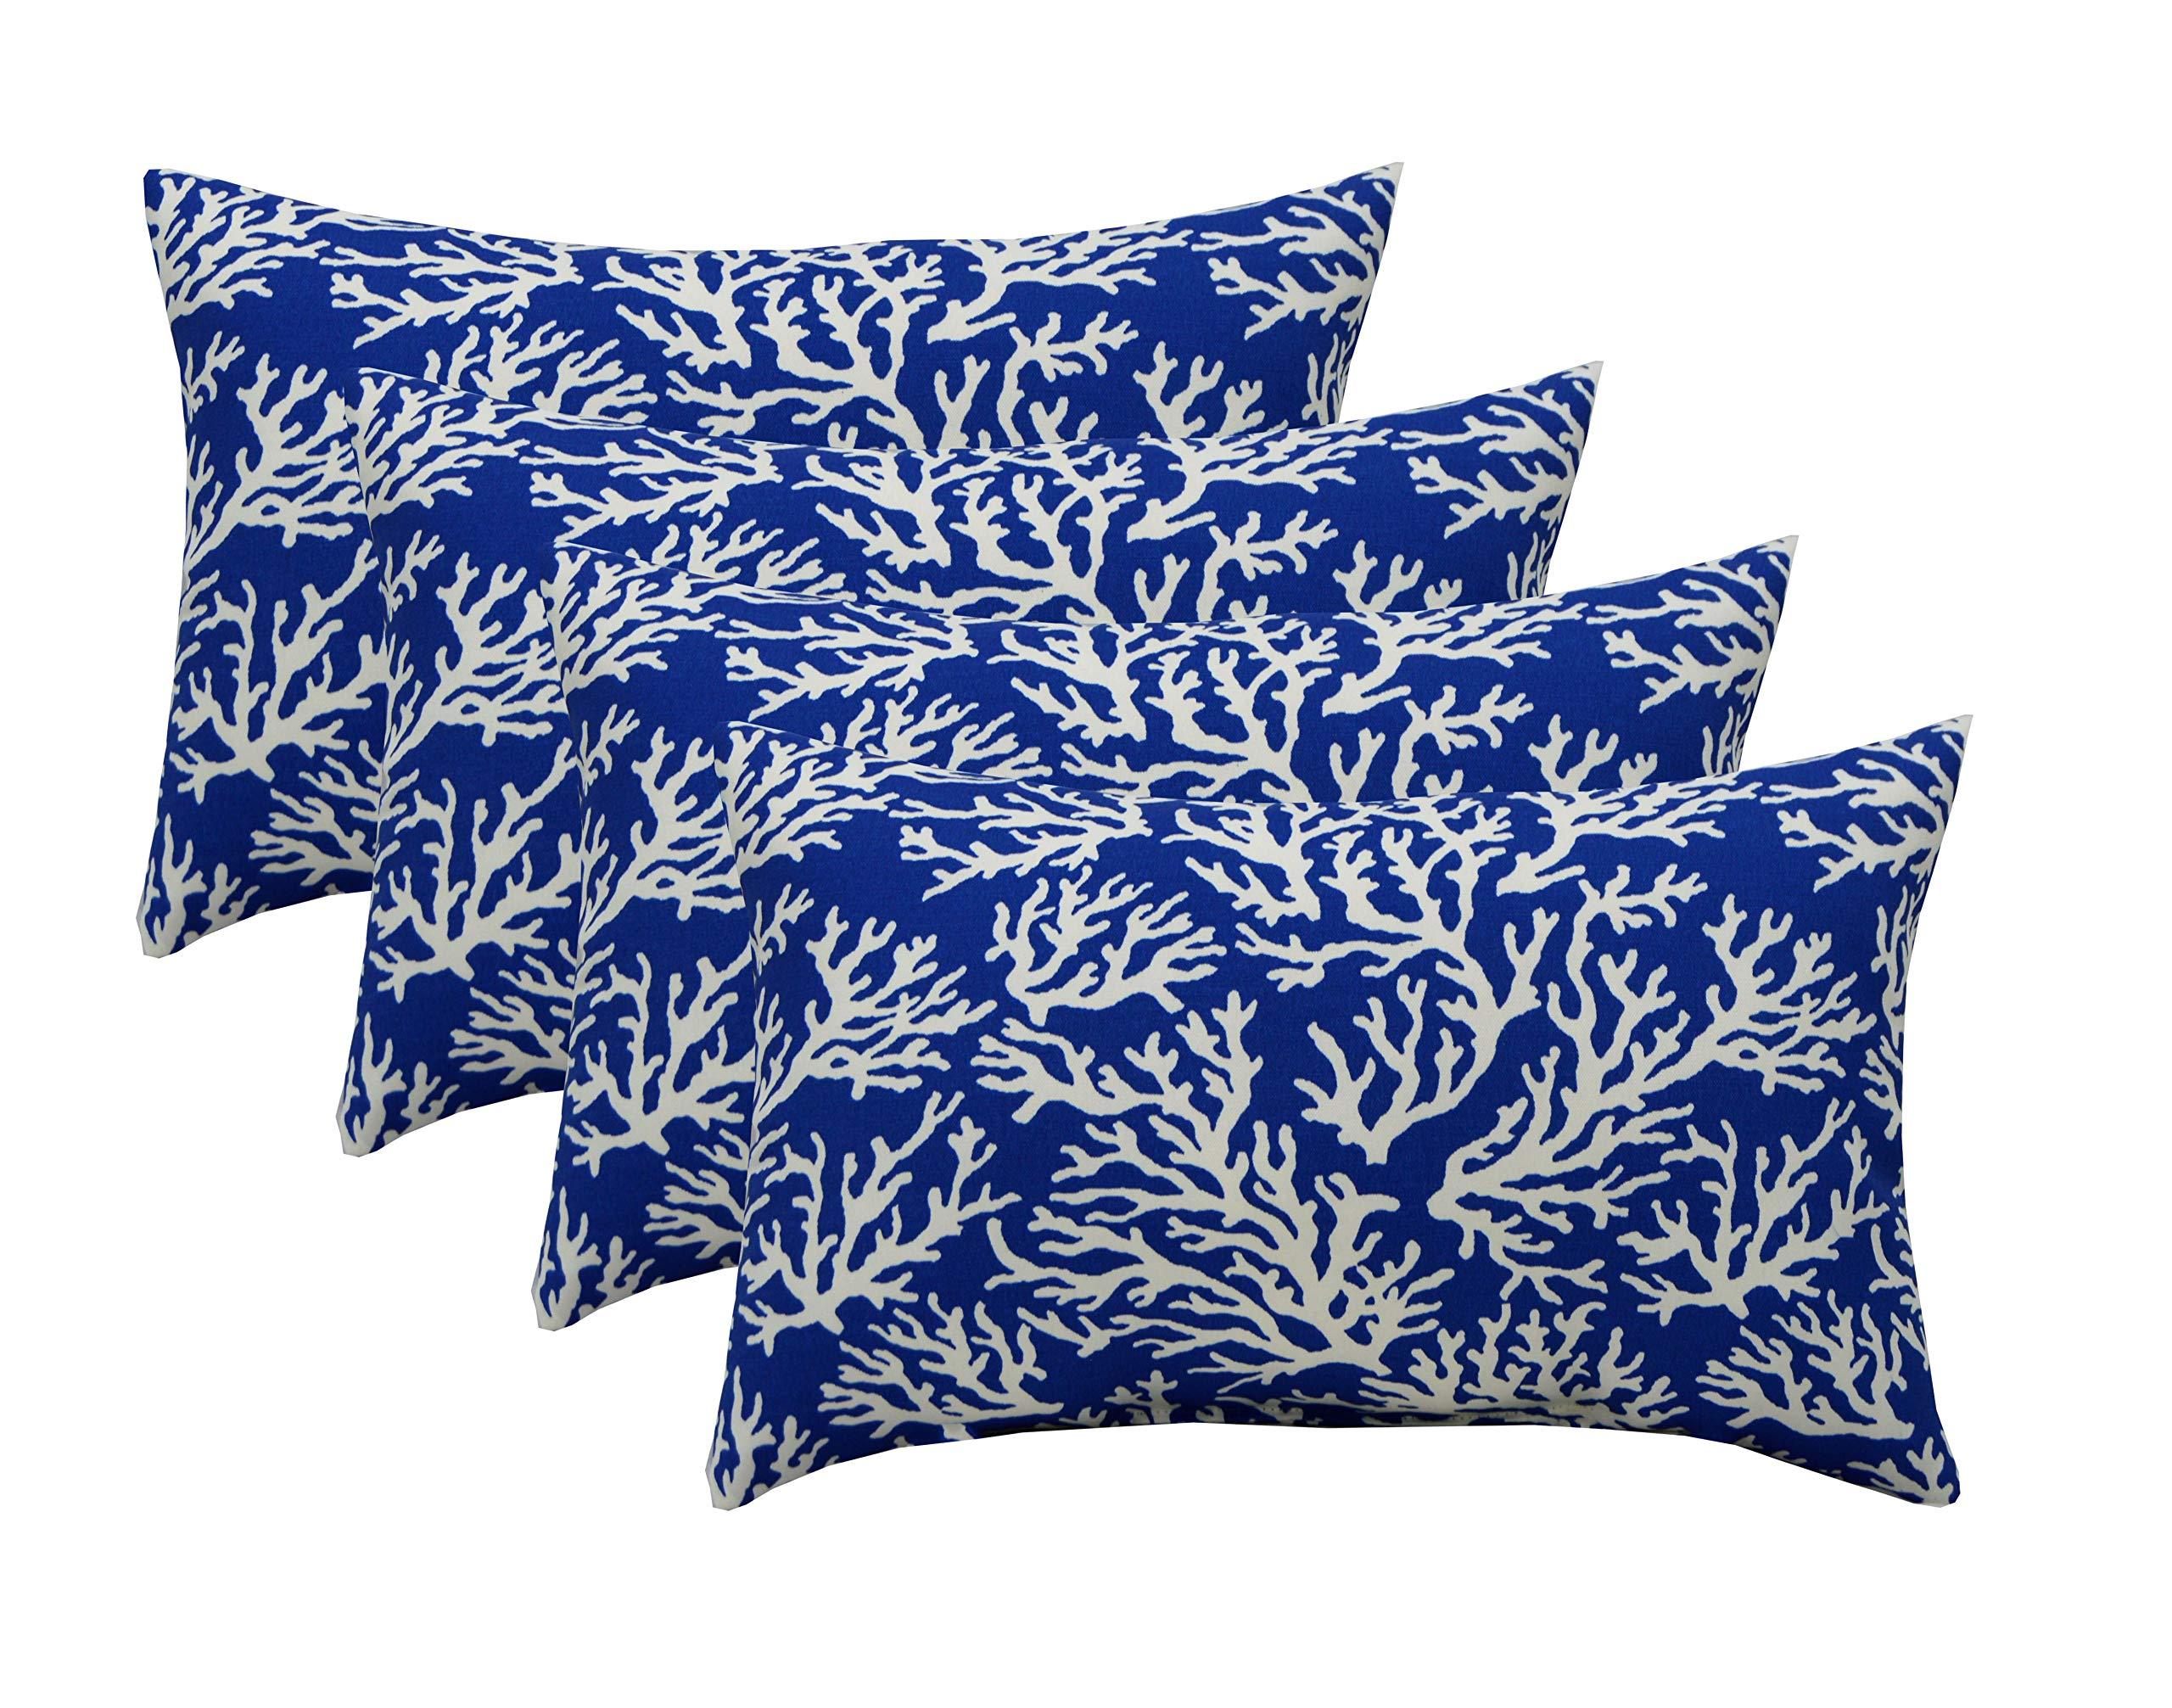 Set of 4 in Outdoor Lumbar/Rectanglar Decorative Throw Pillows ~ Blue Coral Reef ~ Ocean Life ~ Coastal ~ Coral Reef